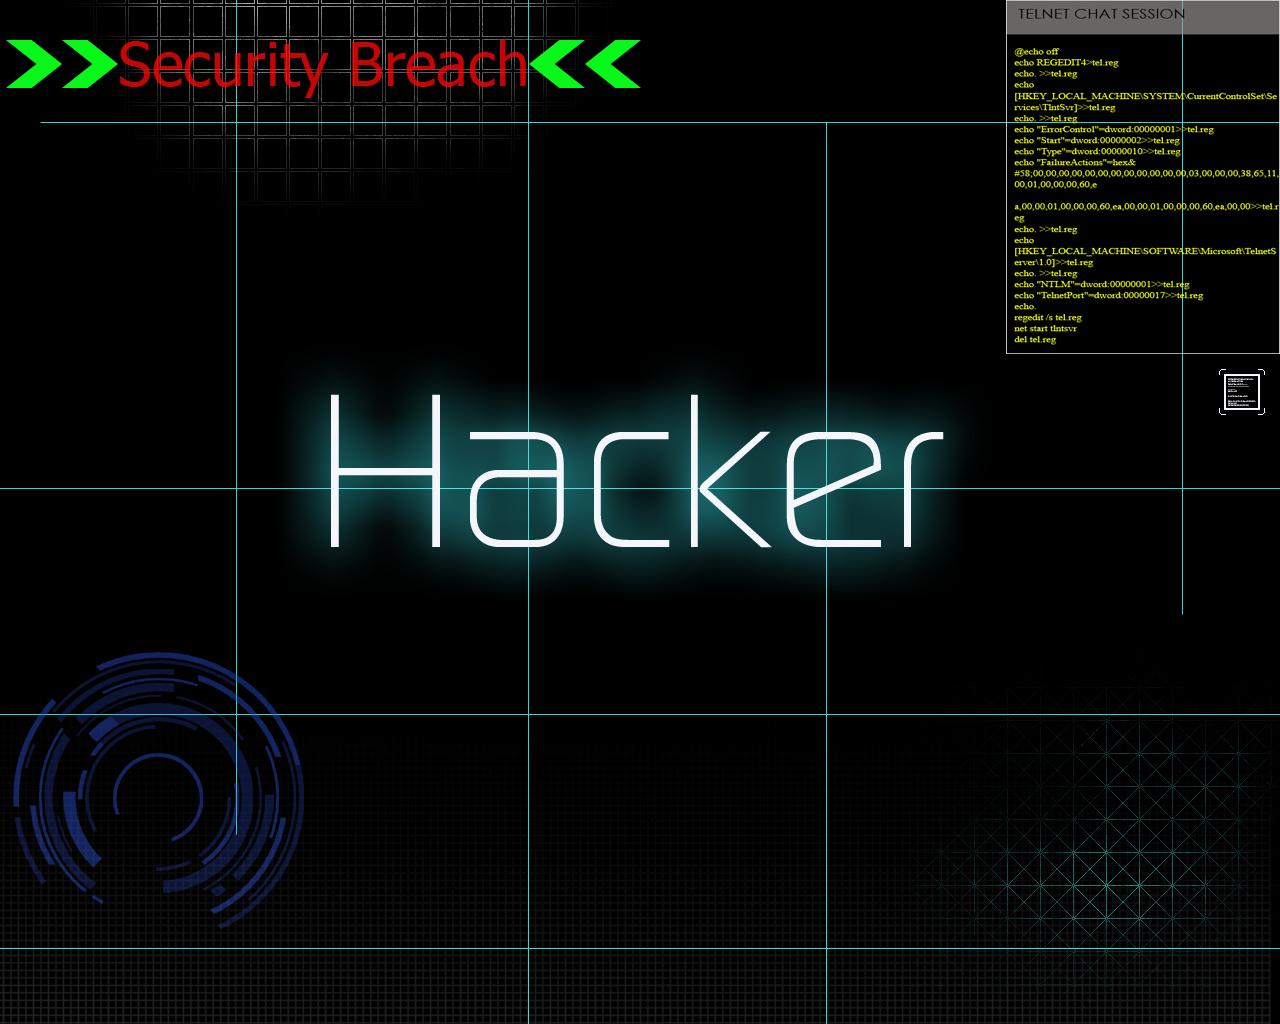 آموزش هک سیستم ها و دستگاه ها در شبکه های وایرلس